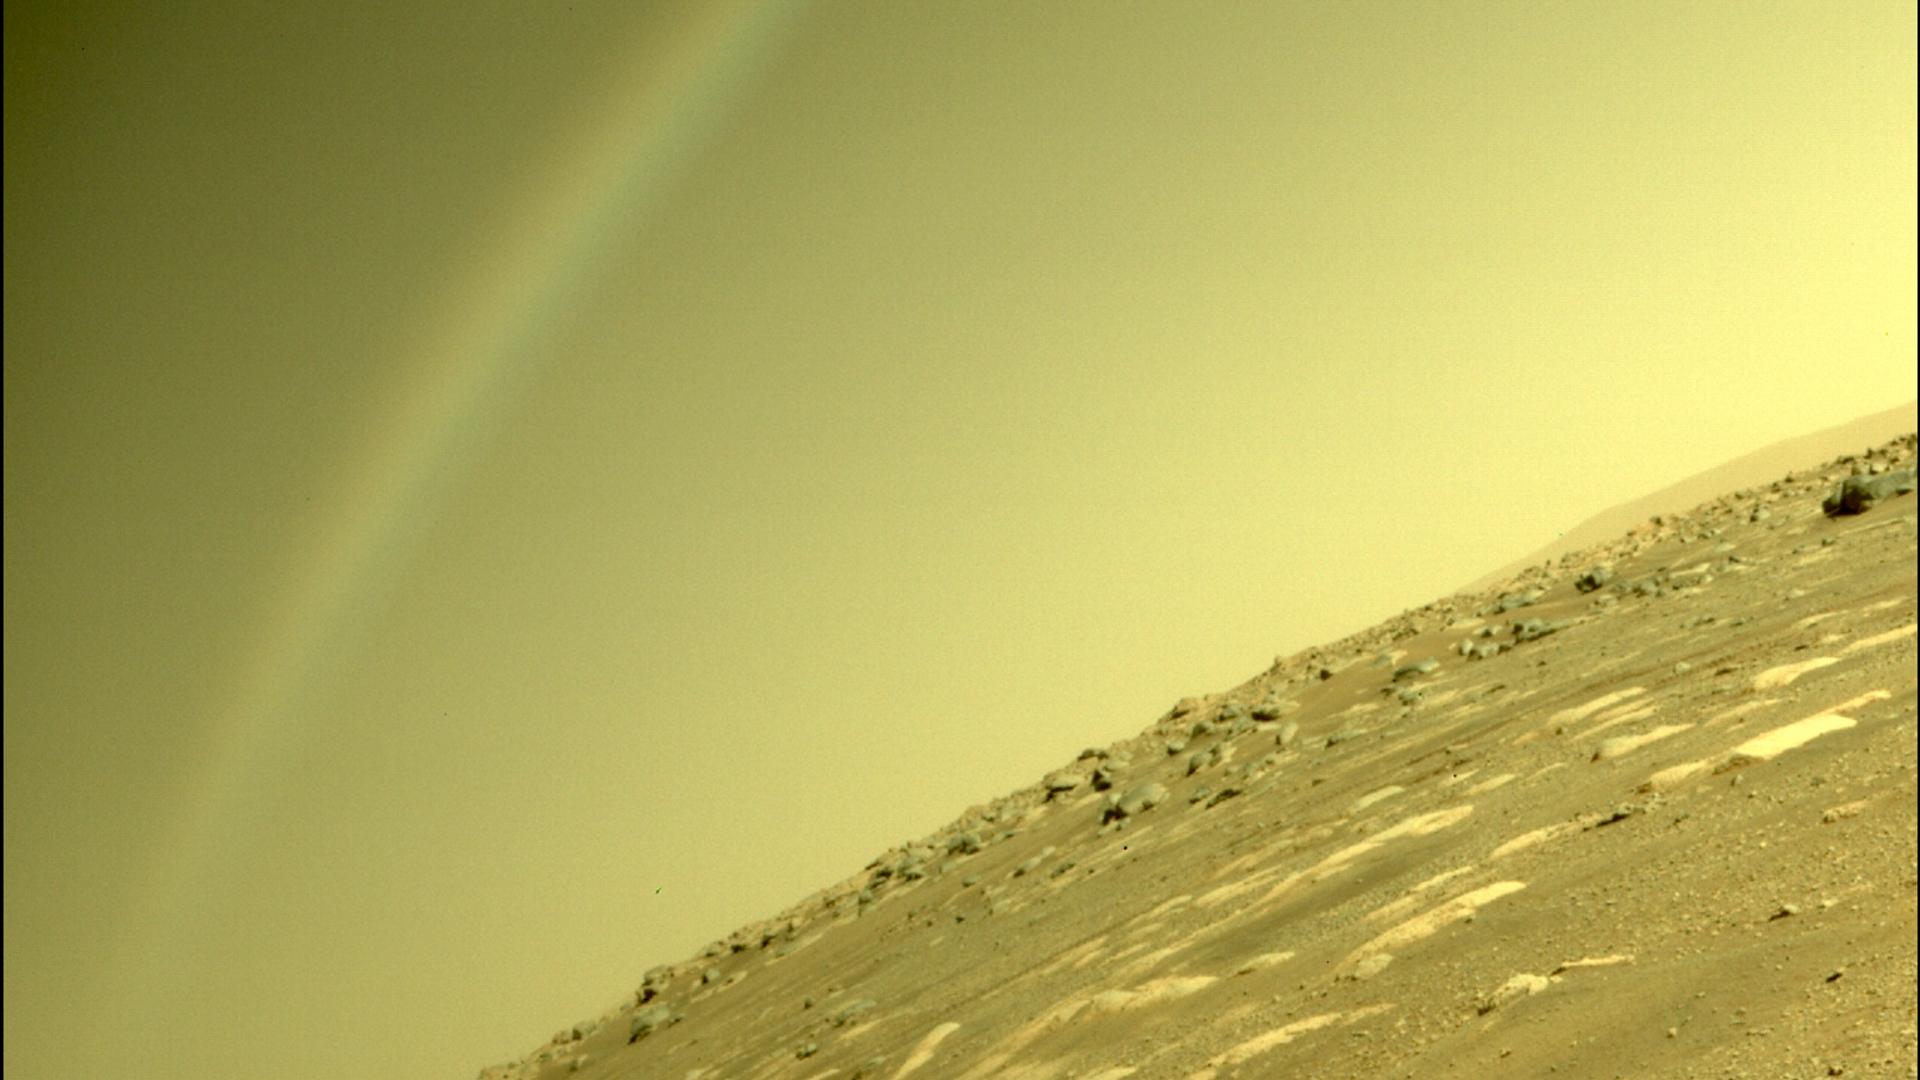 El rover Mars Perseverance de la NASA utilizó su cámara trasera para tomar esta imagen - Sputnik Mundo, 1920, 07.04.2021